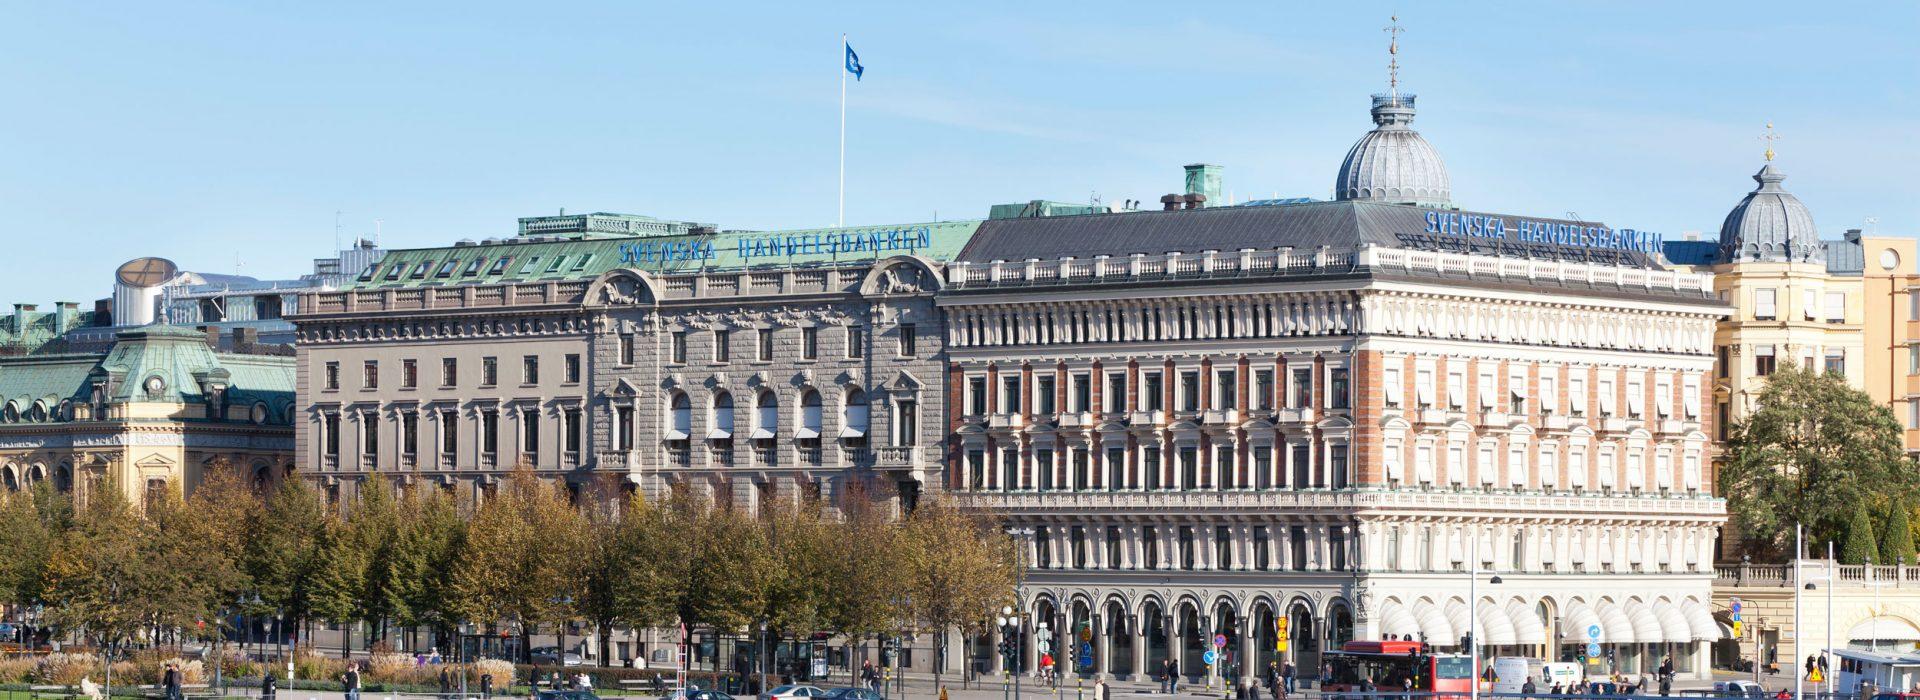 Gebäude der Svenska Handelsbanken in Stockholm am Wasser